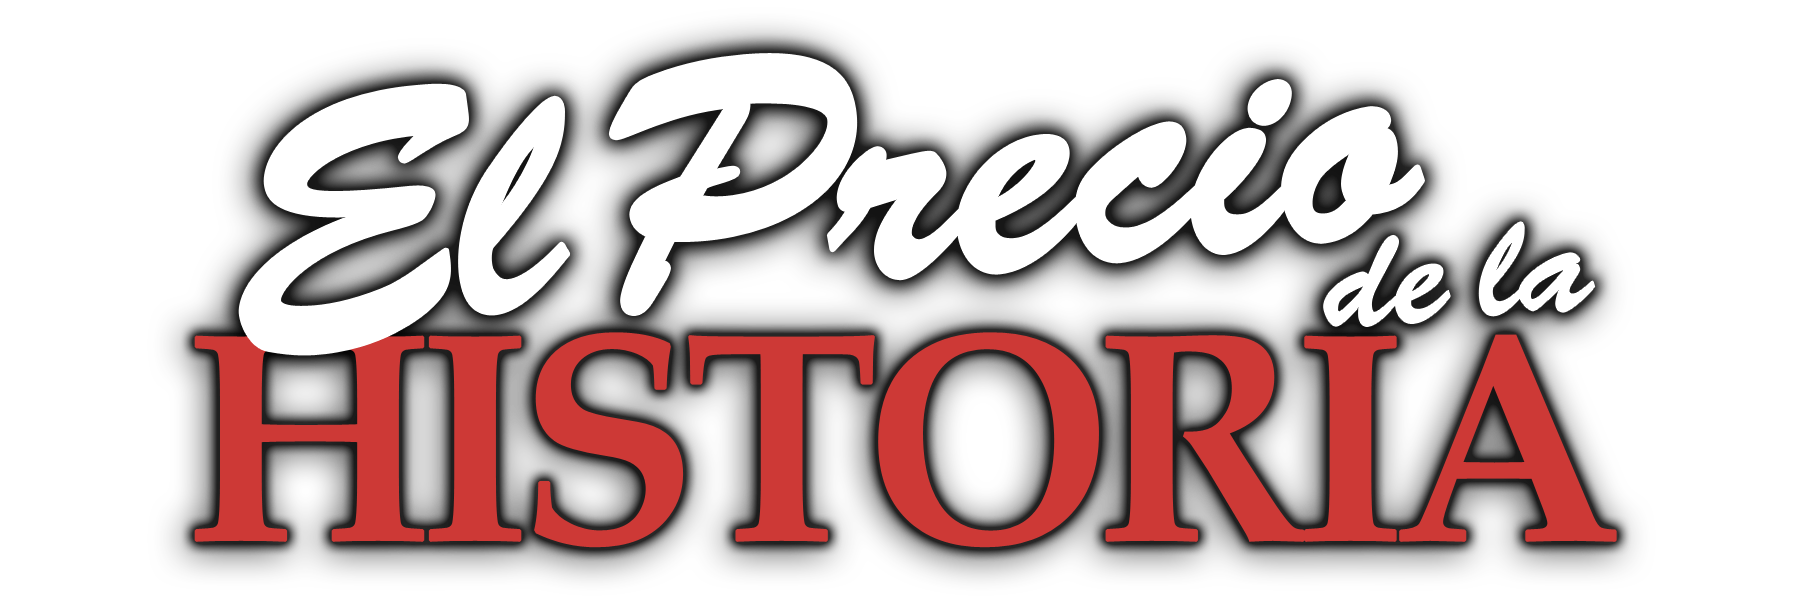 Archivo el precio de la historia wikipedia la for Precio logo